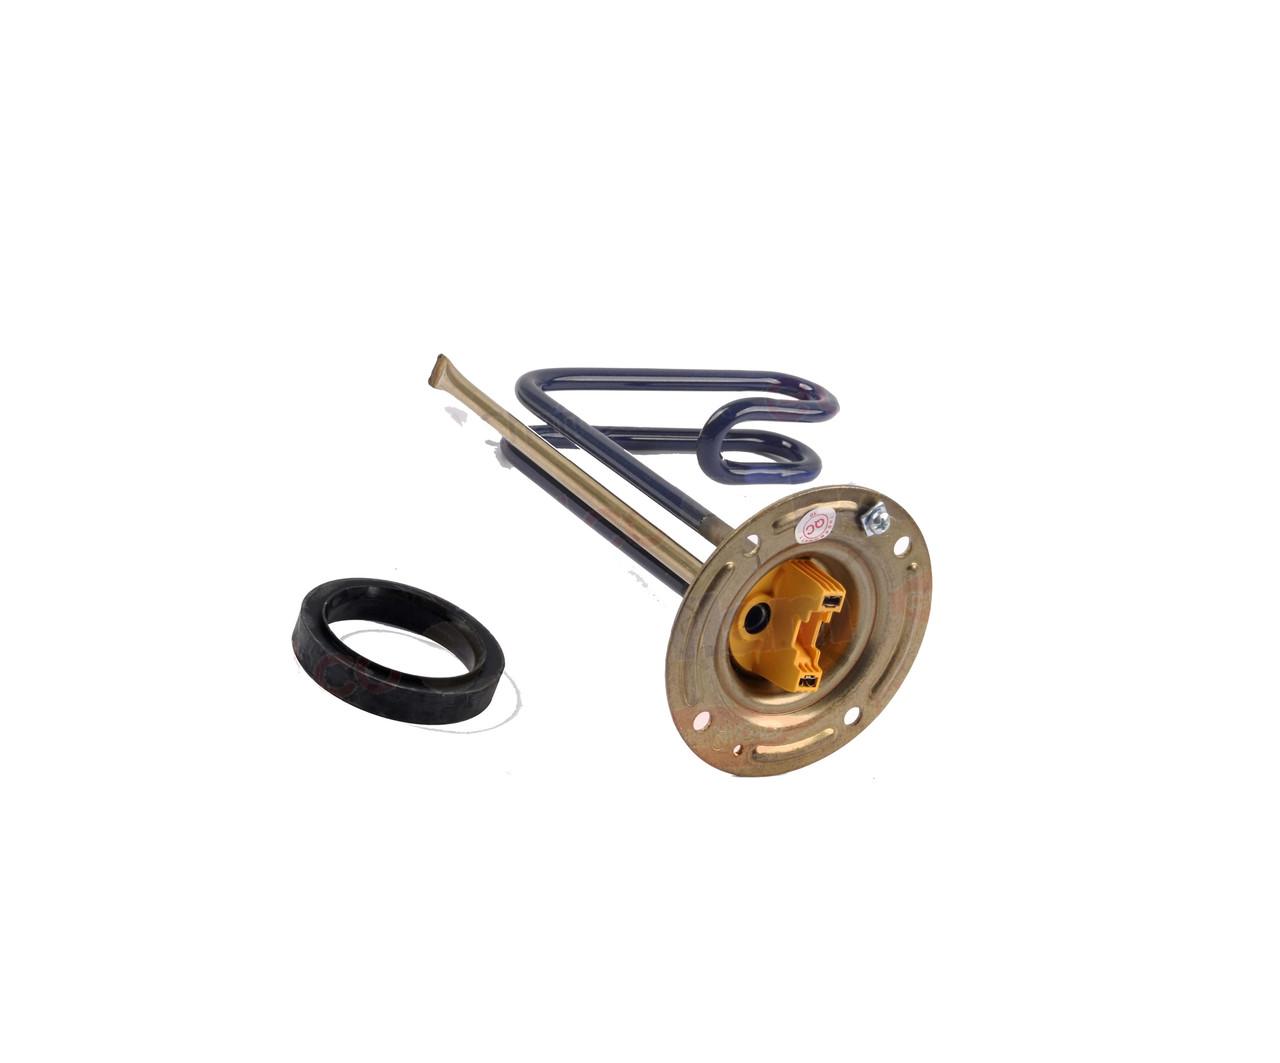 Нагревательный элемент (ТЭН) для электрических водонагревателей Ariston Dune 1200W 200-240V 65115146